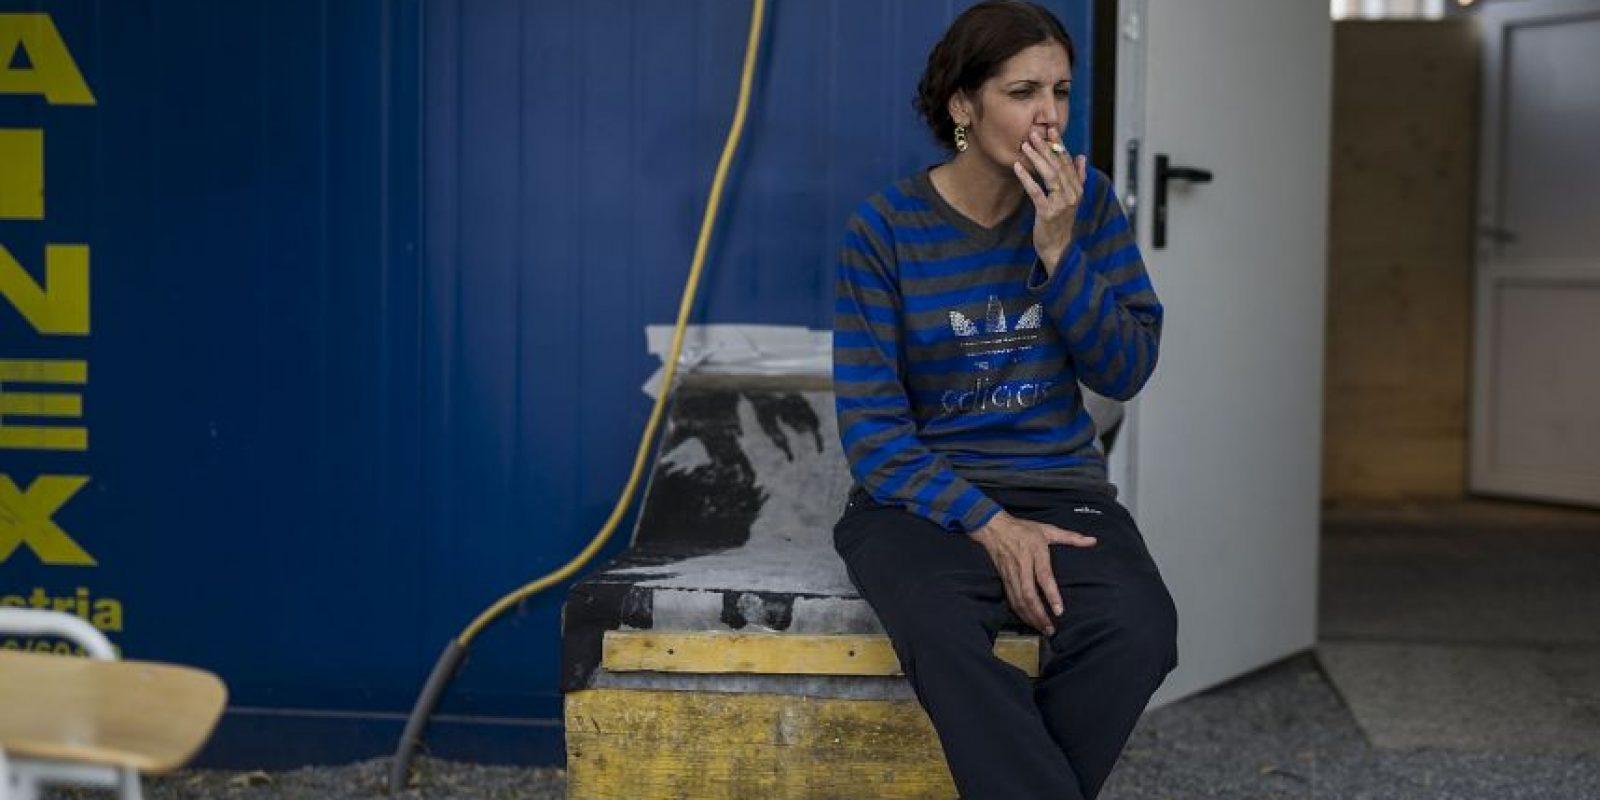 Y también Estado Islámico, que provocó que ocho millones de sirios huyen a hacia Turquía y países europeos Foto:Getty Images